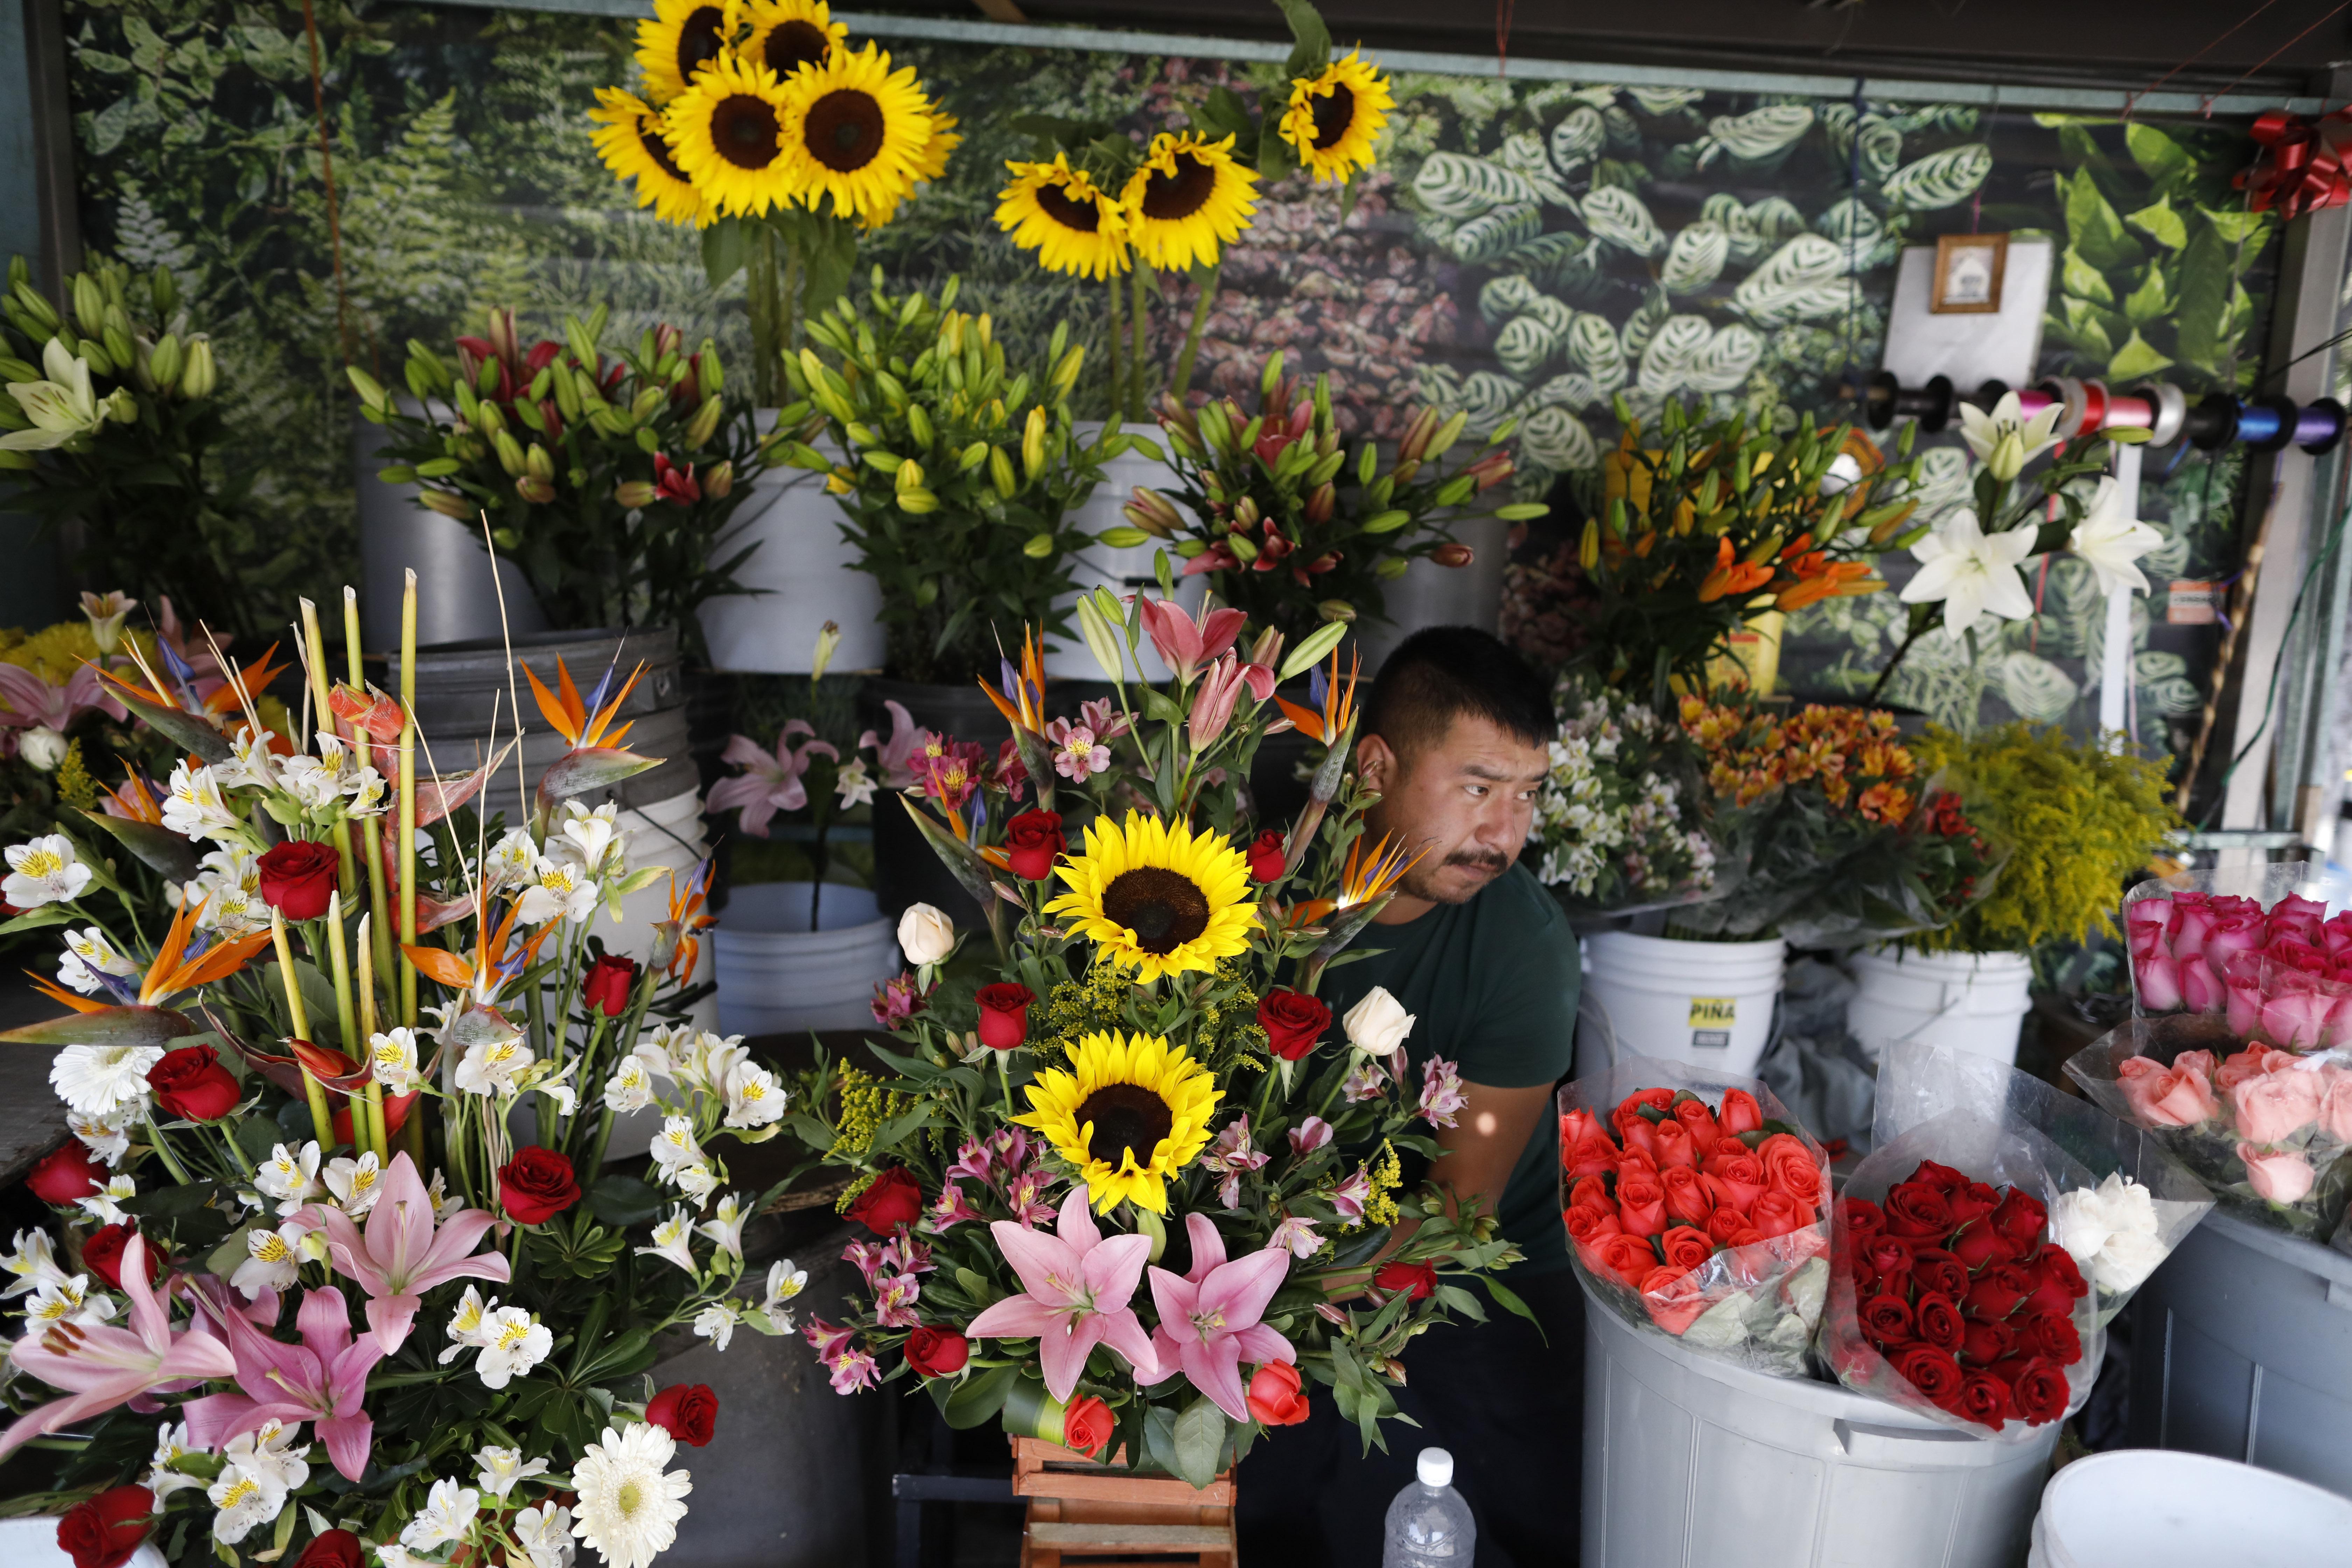 Un vendedor de flores que prefirió no dar su nombre organiza sus flores para exhibirlas cuando abra su puesto callejero en la Ciudad de México, el miércoles 25 de marzo de 2020.